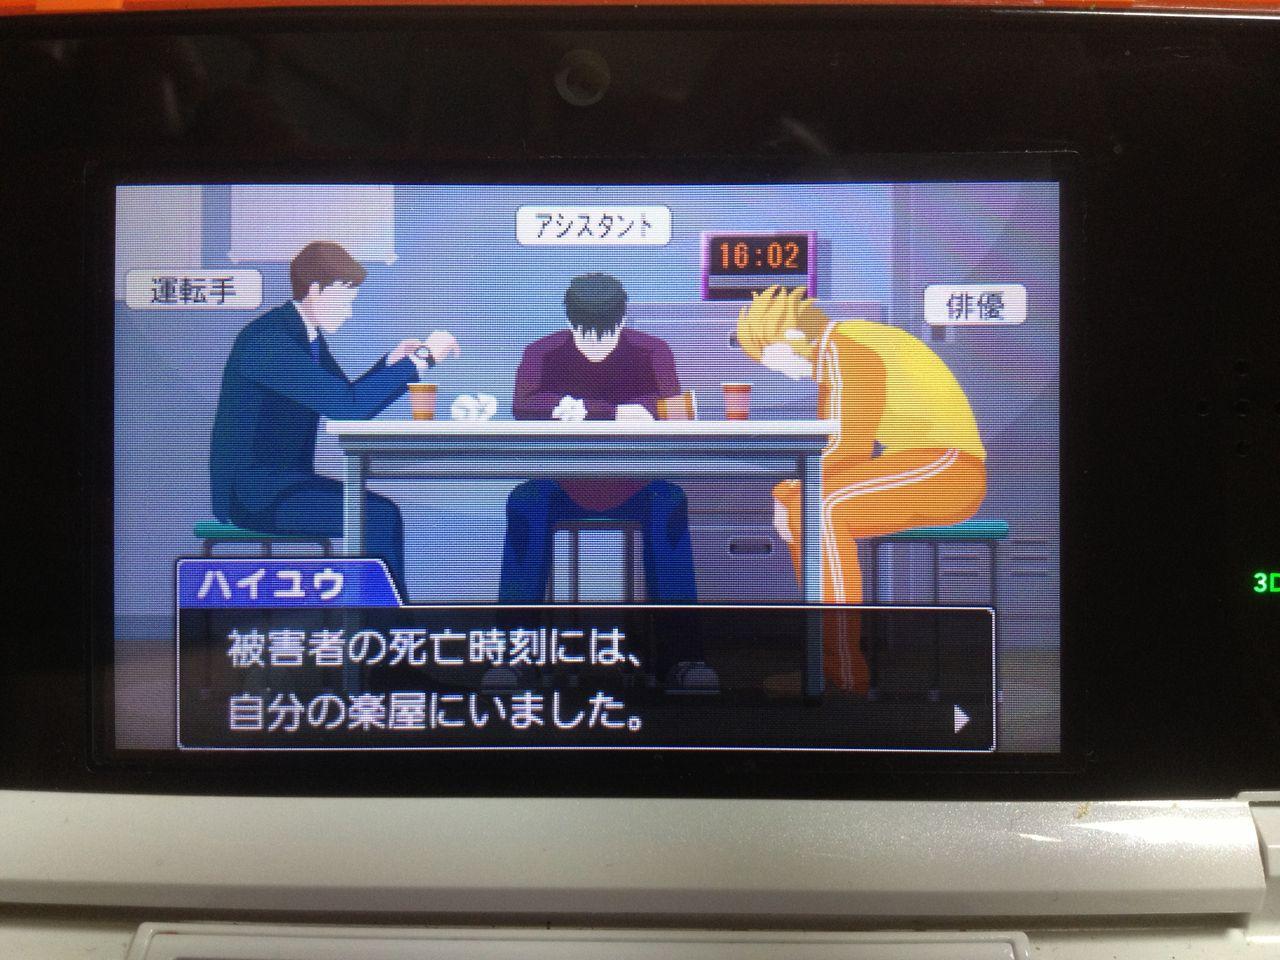 【逆転裁判5】DLCの「クイズ・逆転裁判」前編 おとしてきてプレイしたコメントする